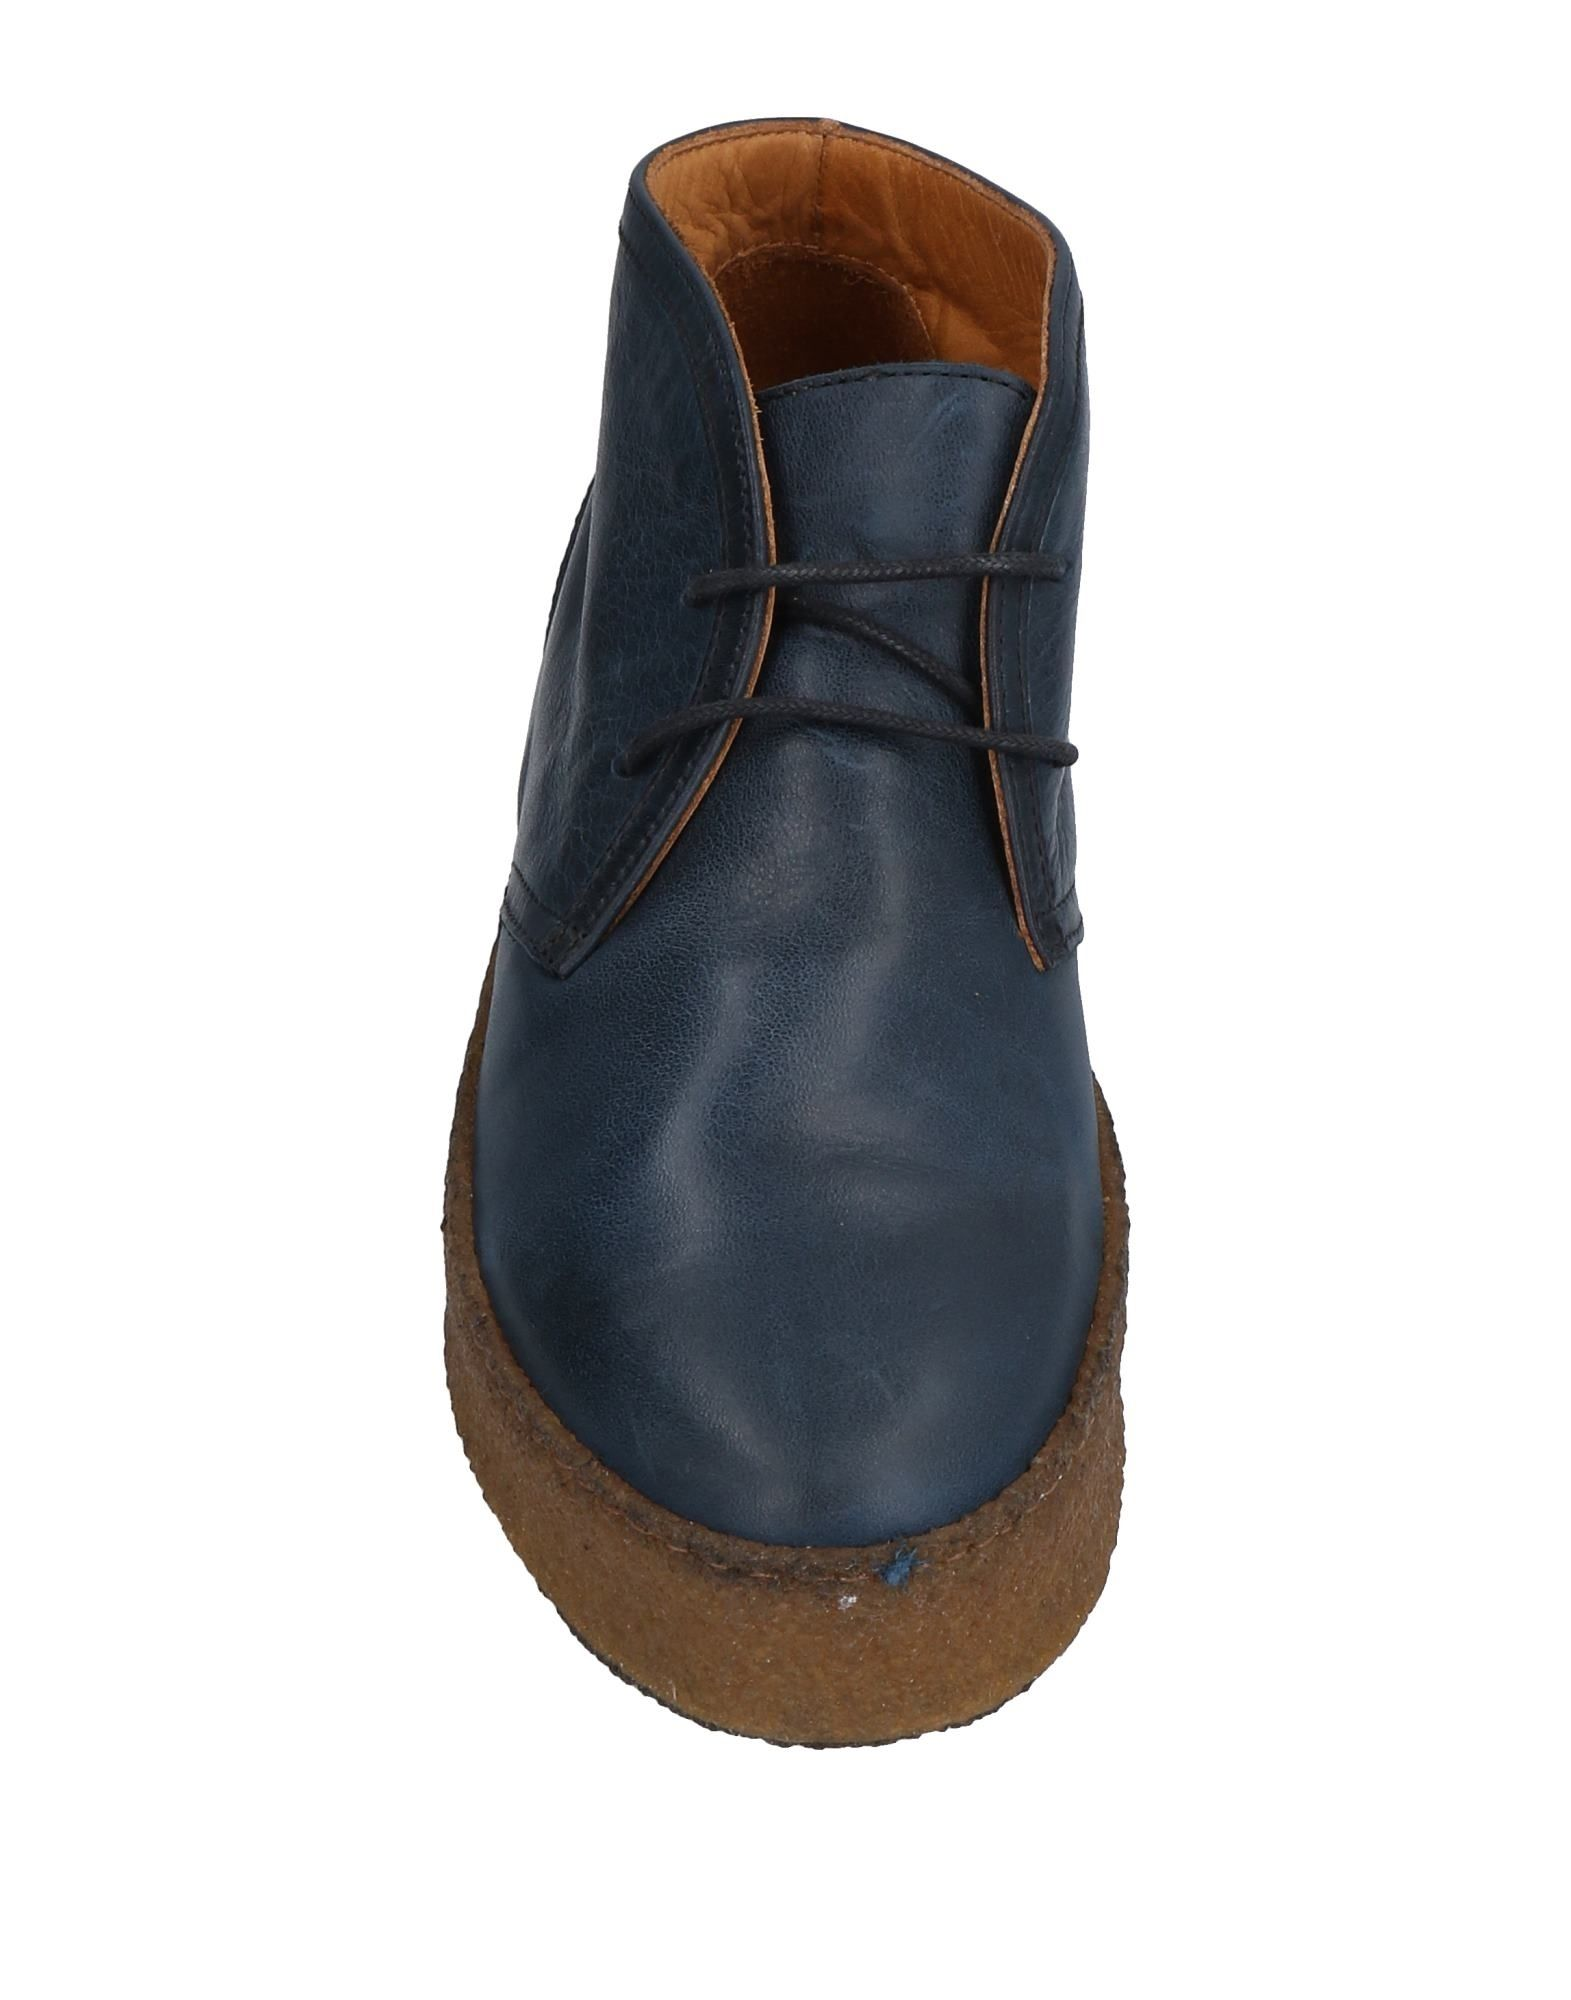 Collection Privēe? Schnürschuhe strapazierfähige Damen  11499951FJGut aussehende strapazierfähige Schnürschuhe Schuhe cac562